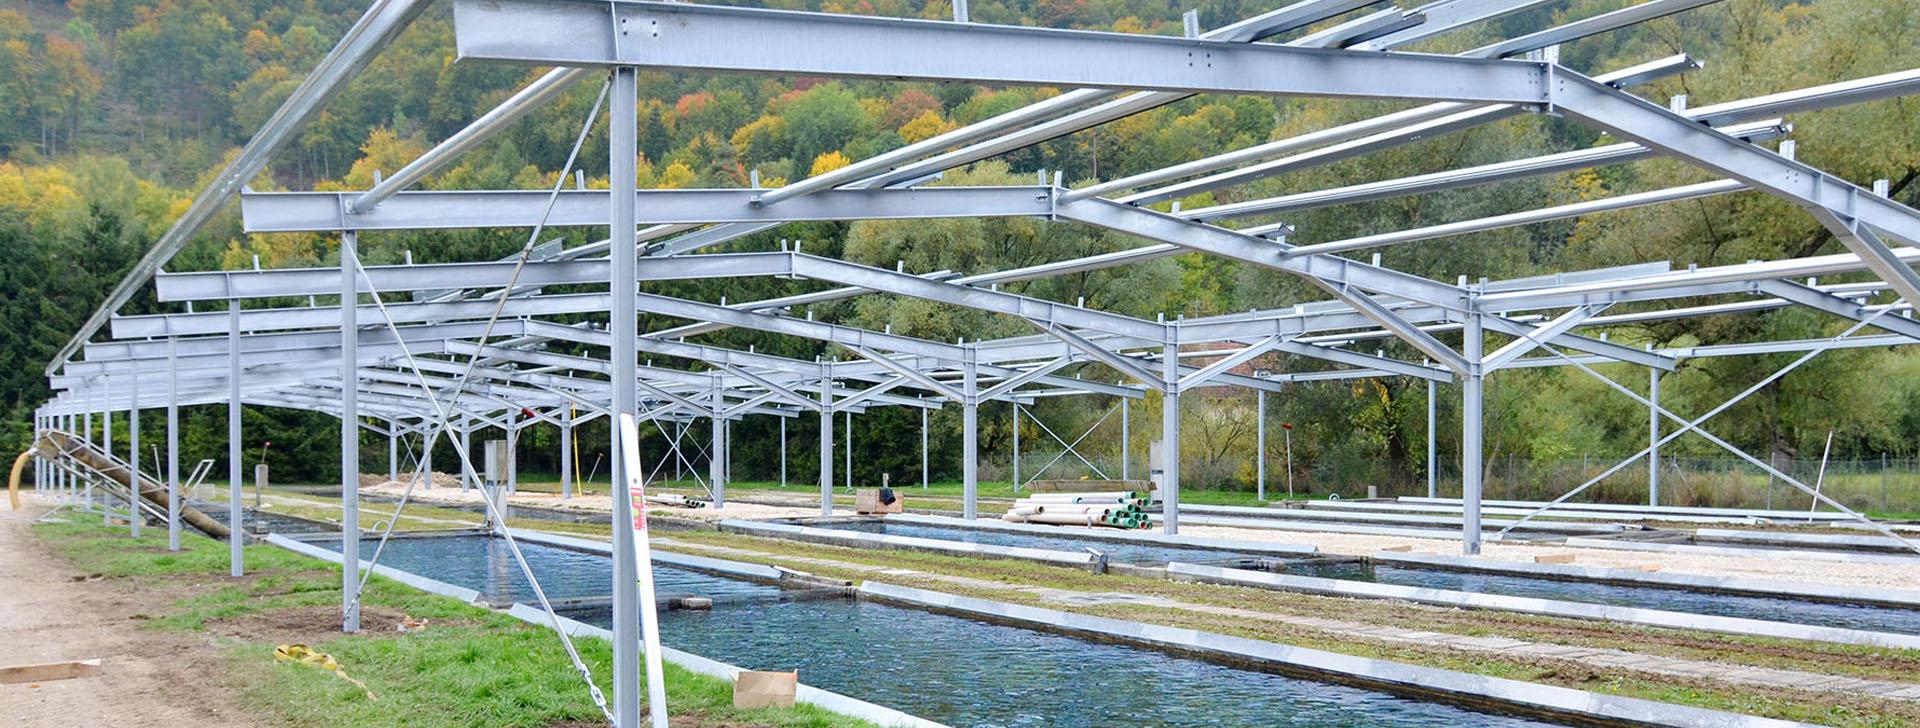 Stahlkonstruktion auf Spinnanker